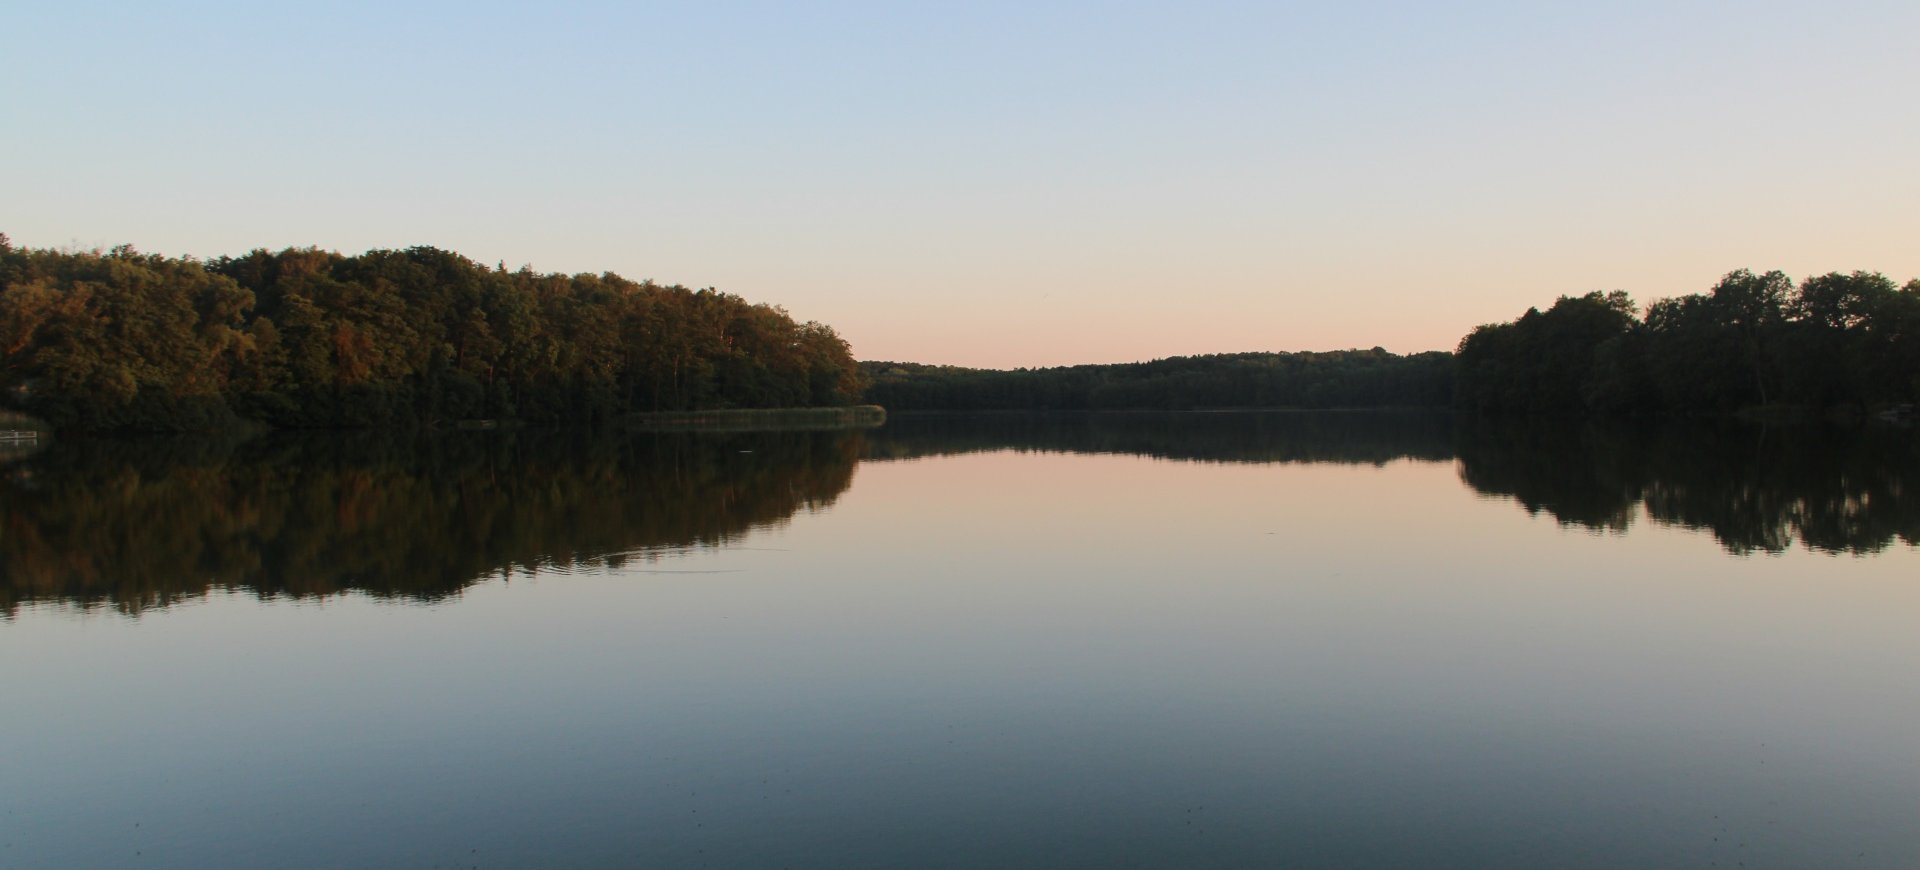 Land of 100 Lakes